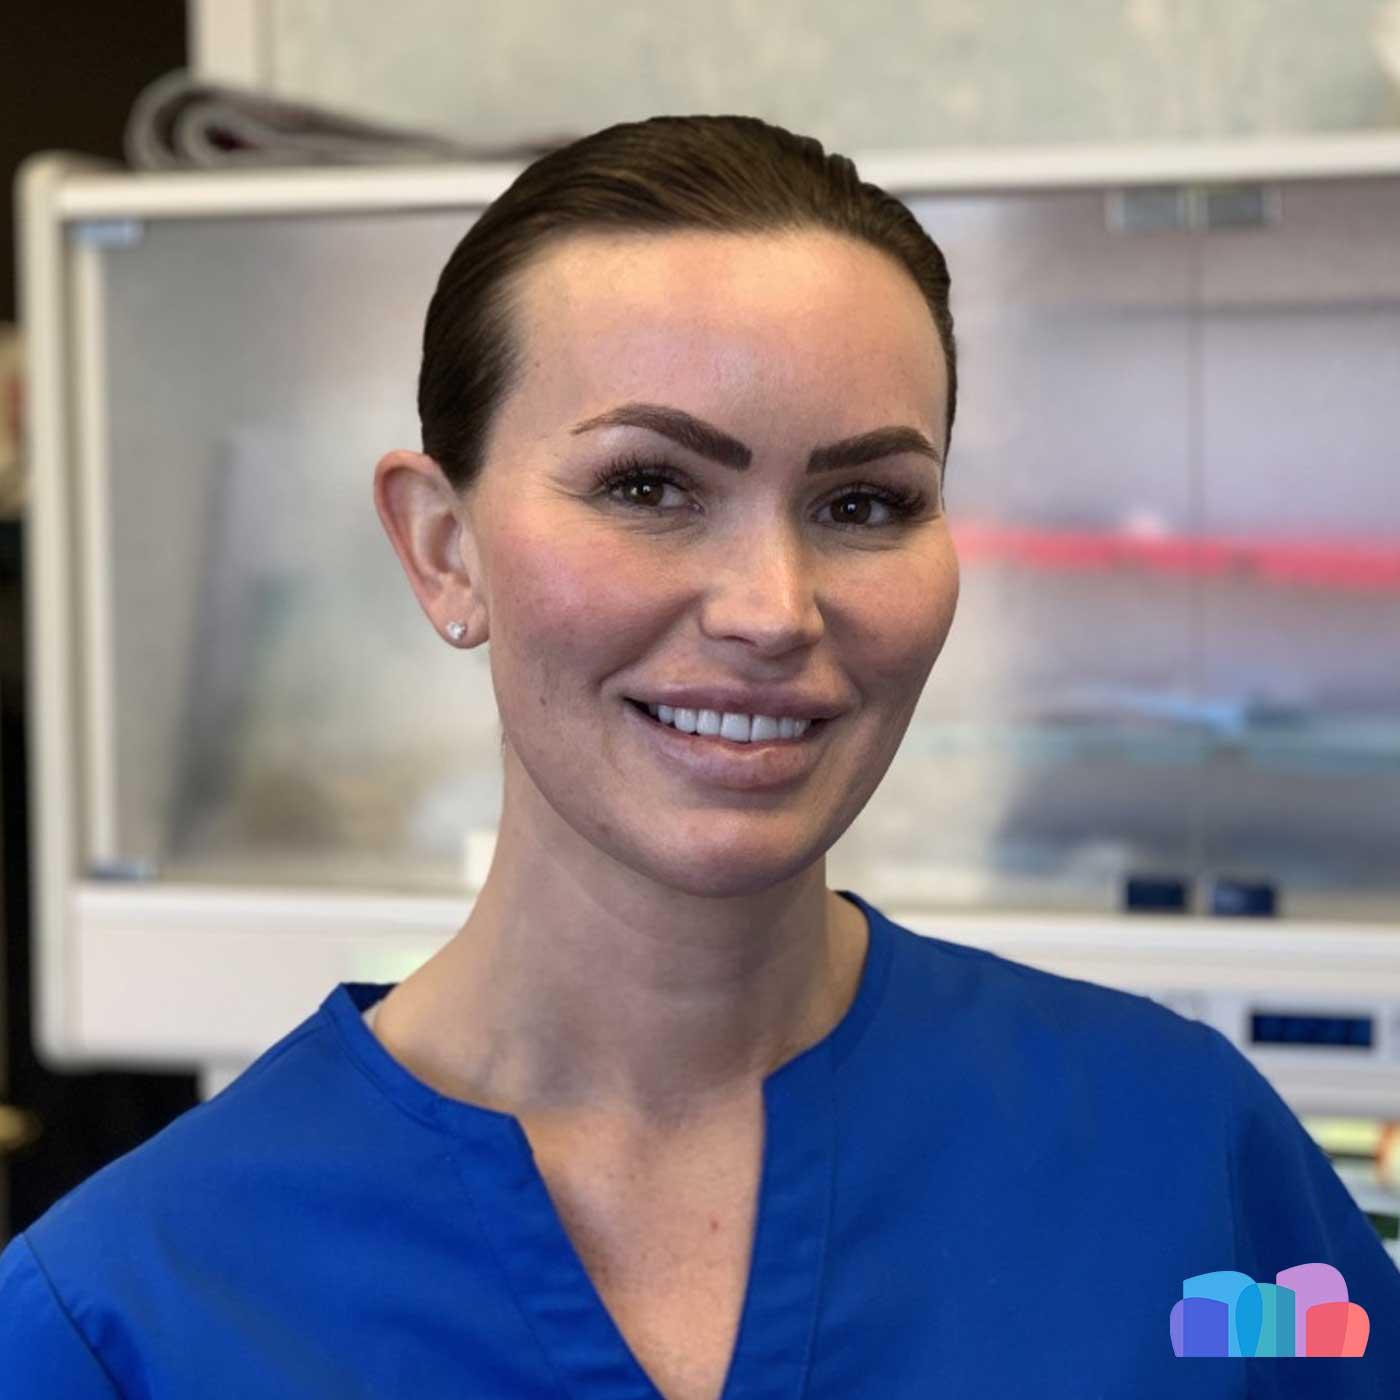 Spring-2019-Ashton-Chandler-Kansas-City-Dental-Assistant.jpg